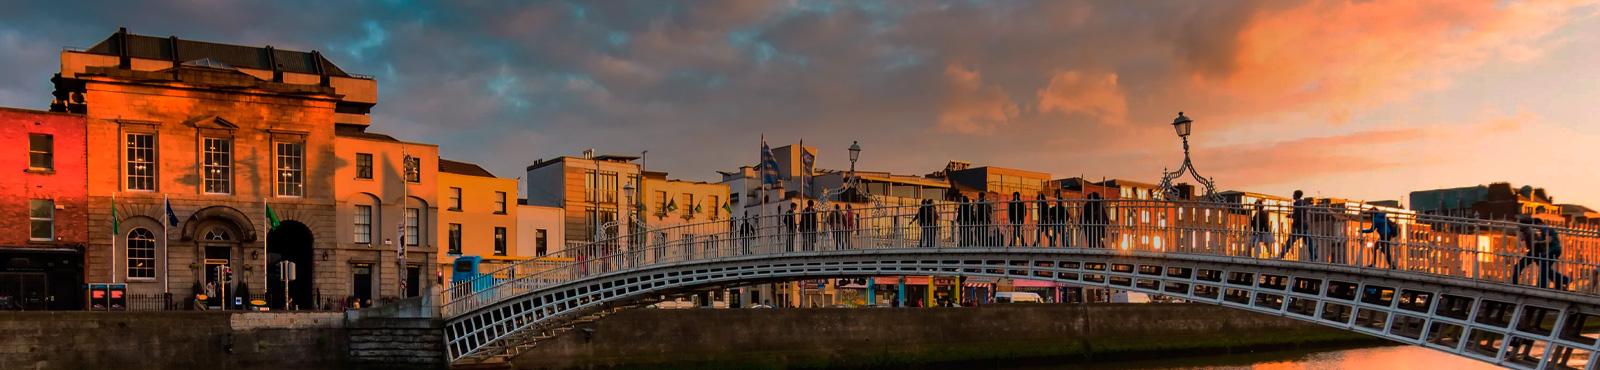 Banner 24 semanas em Dublin – Calicultural